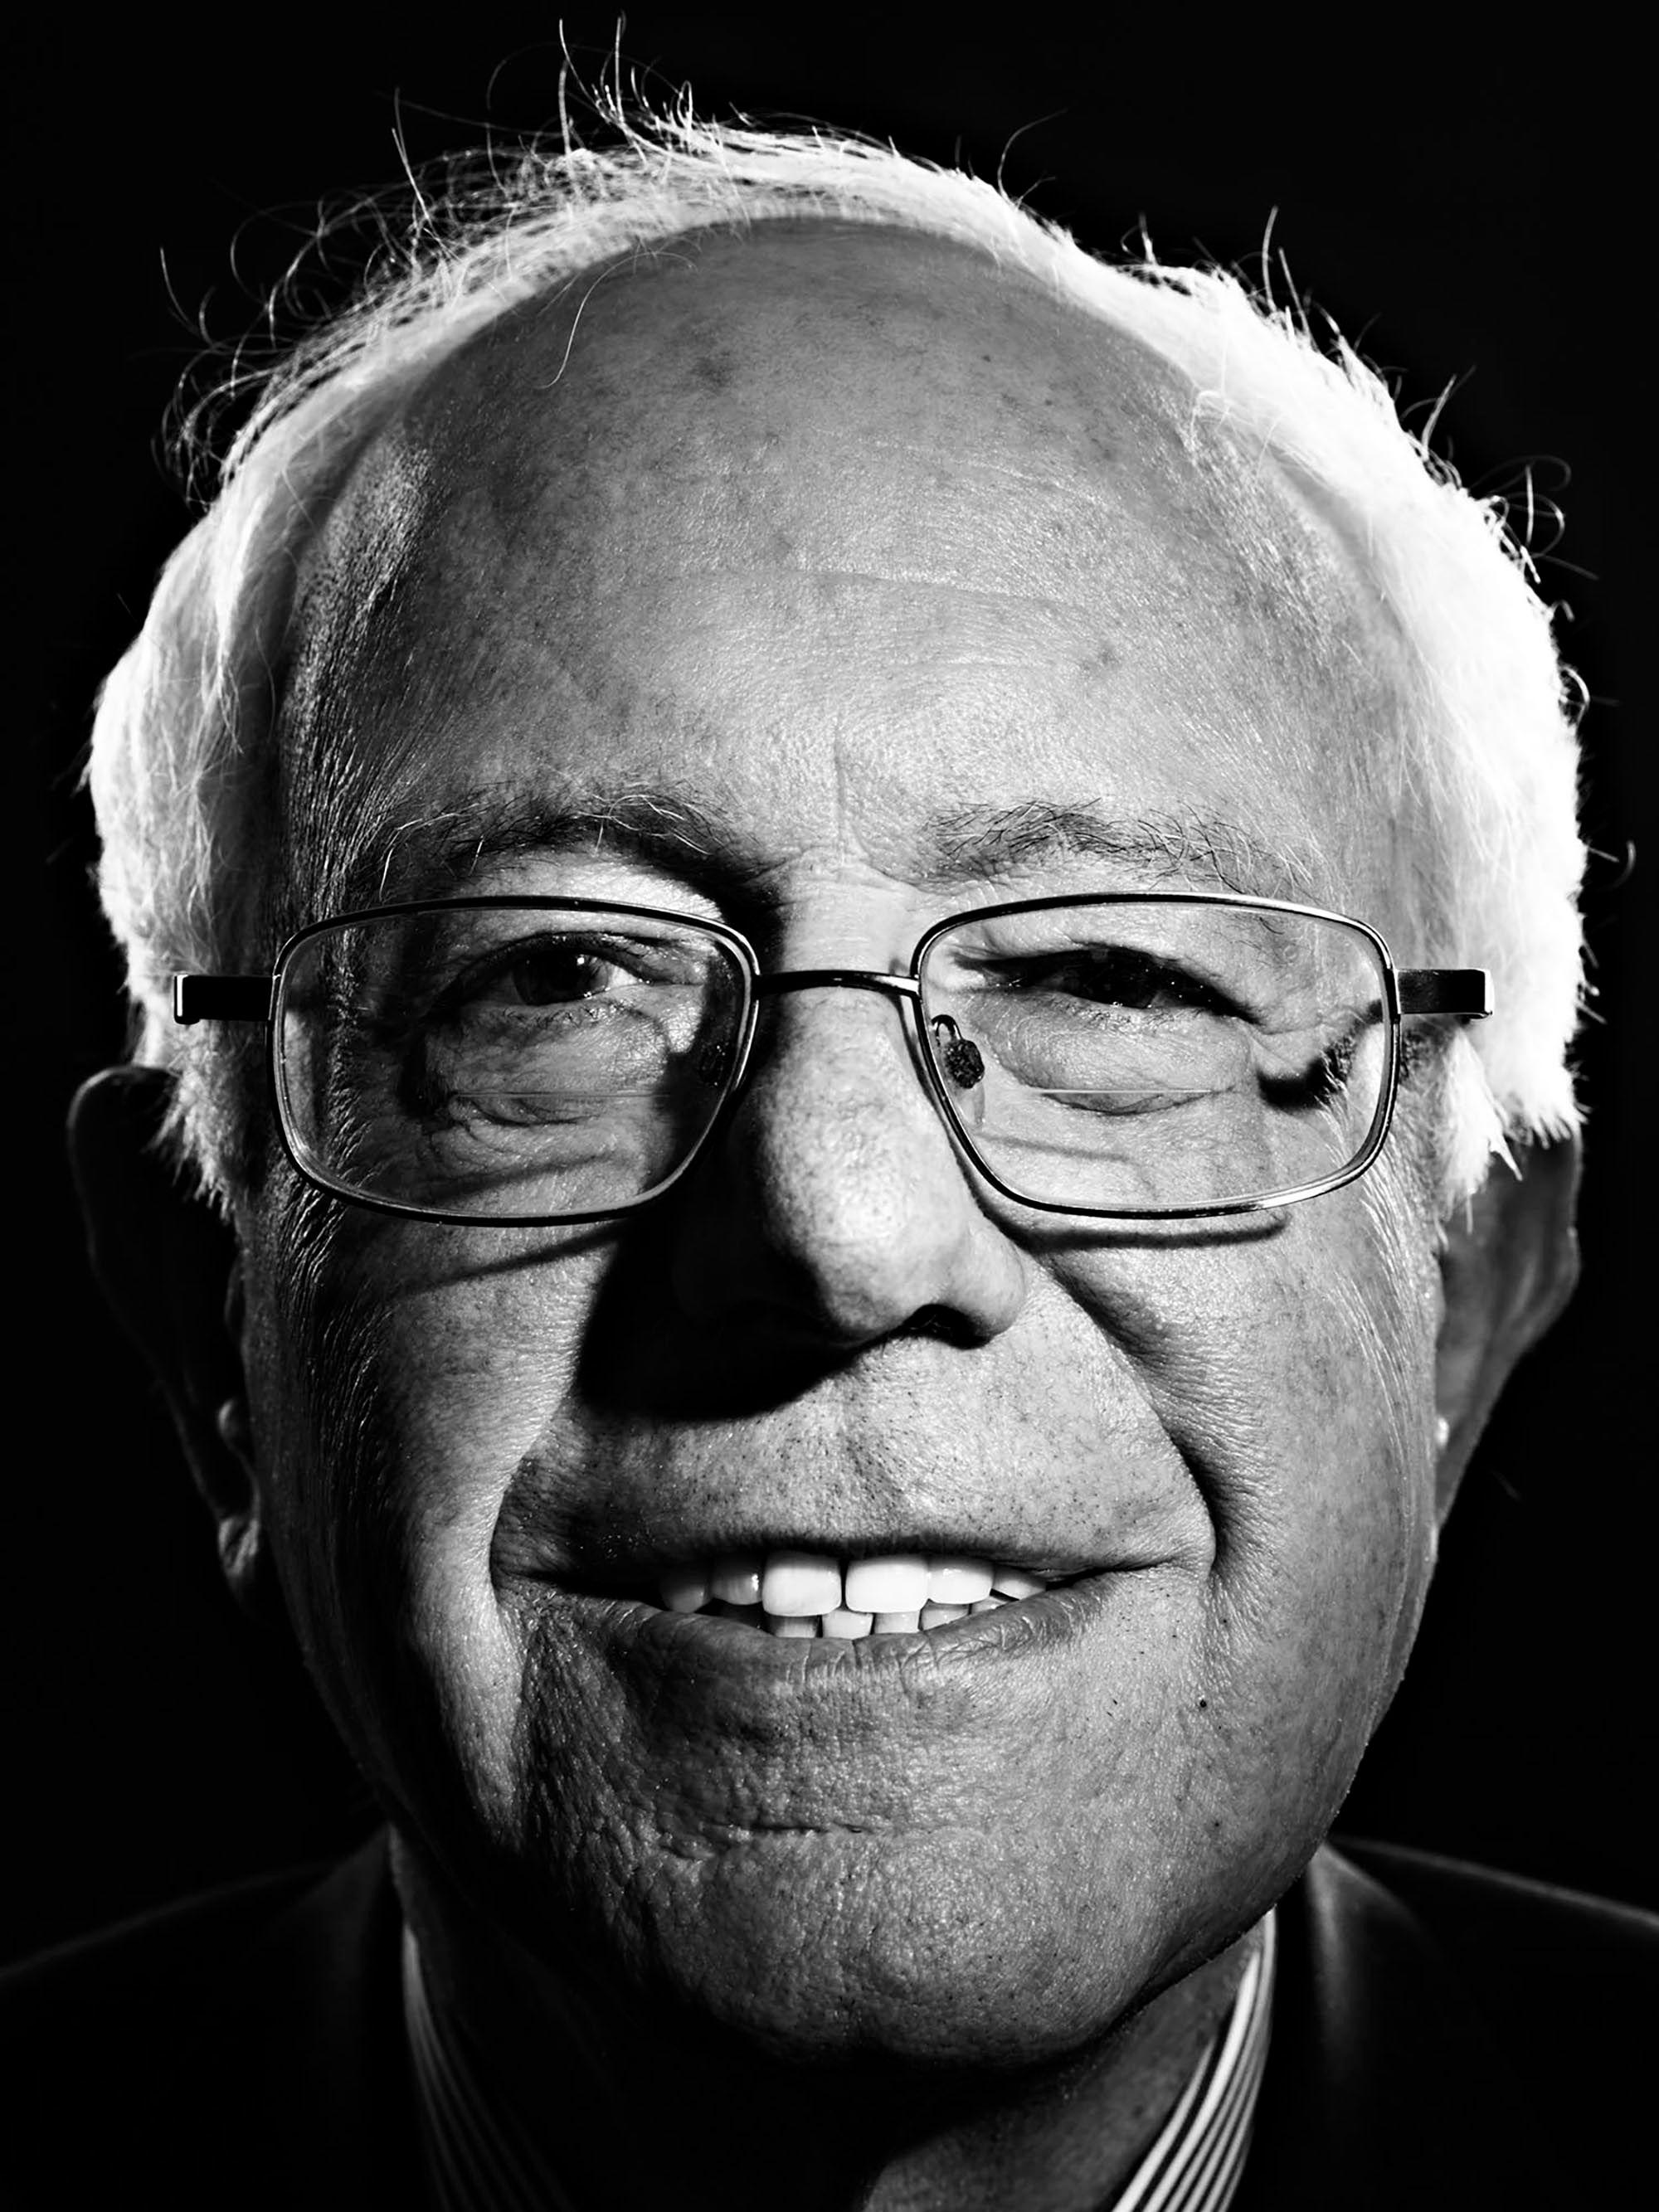 Sen Bernie Sanders